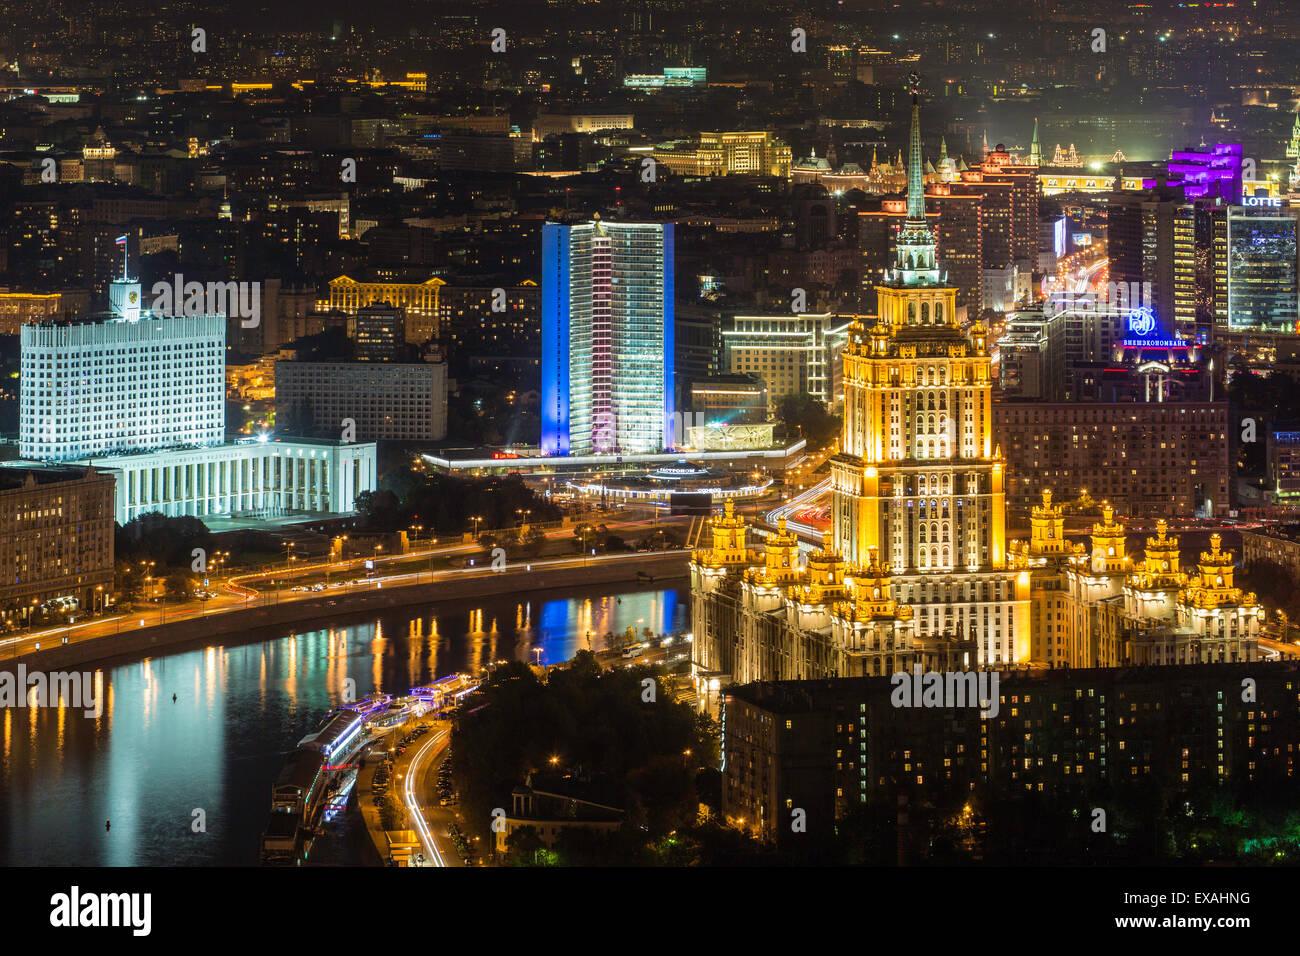 Erhöhten Blick auf die Moskwa-Ufer, Hotel Ukraine und der russischen Weißen Haus, Moskau, Russland, Europa Stockbild